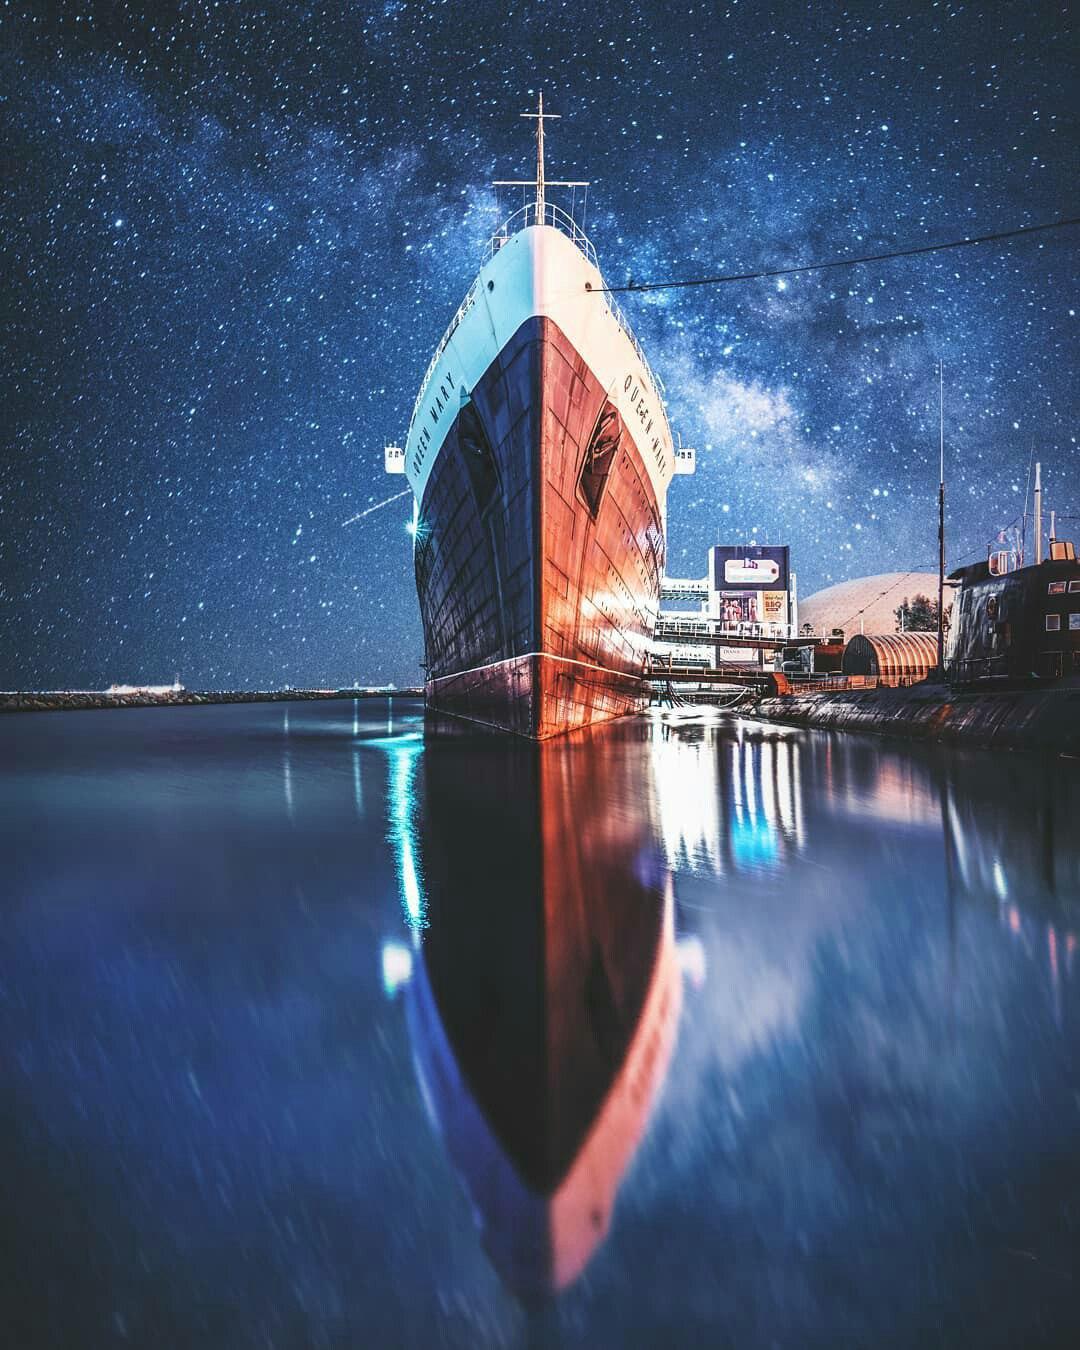 Звёздное небо и космос в картинках - Страница 40 Z_hRoNCmXhA